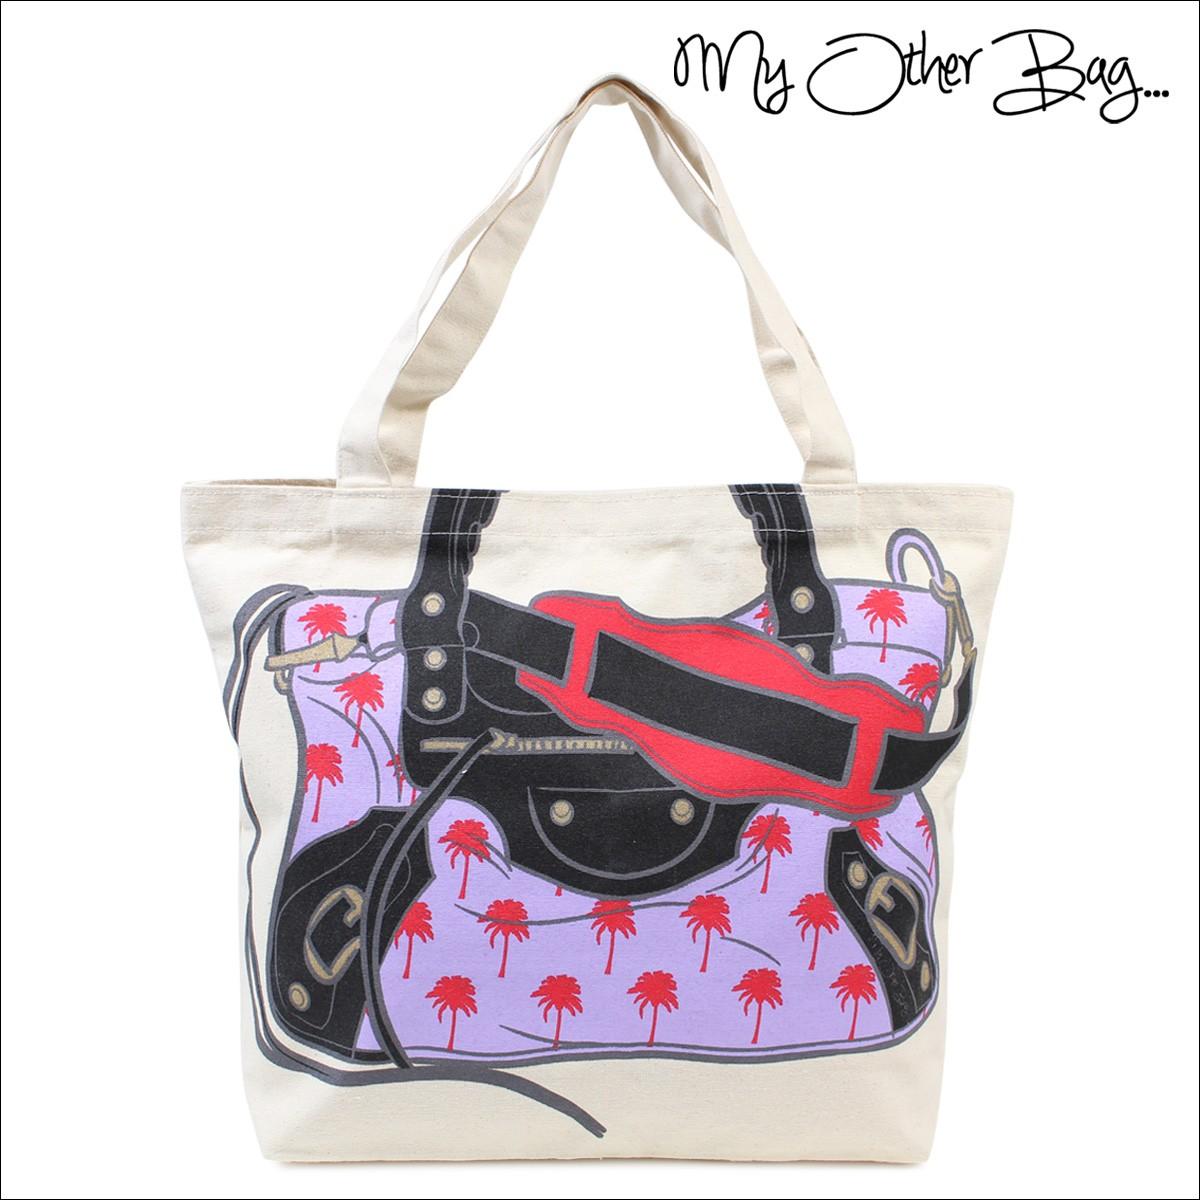 マイアザーバッグ トートバッグ My Other Bag バッグ エコバッグ オーガニック コットン B01-63 レディース